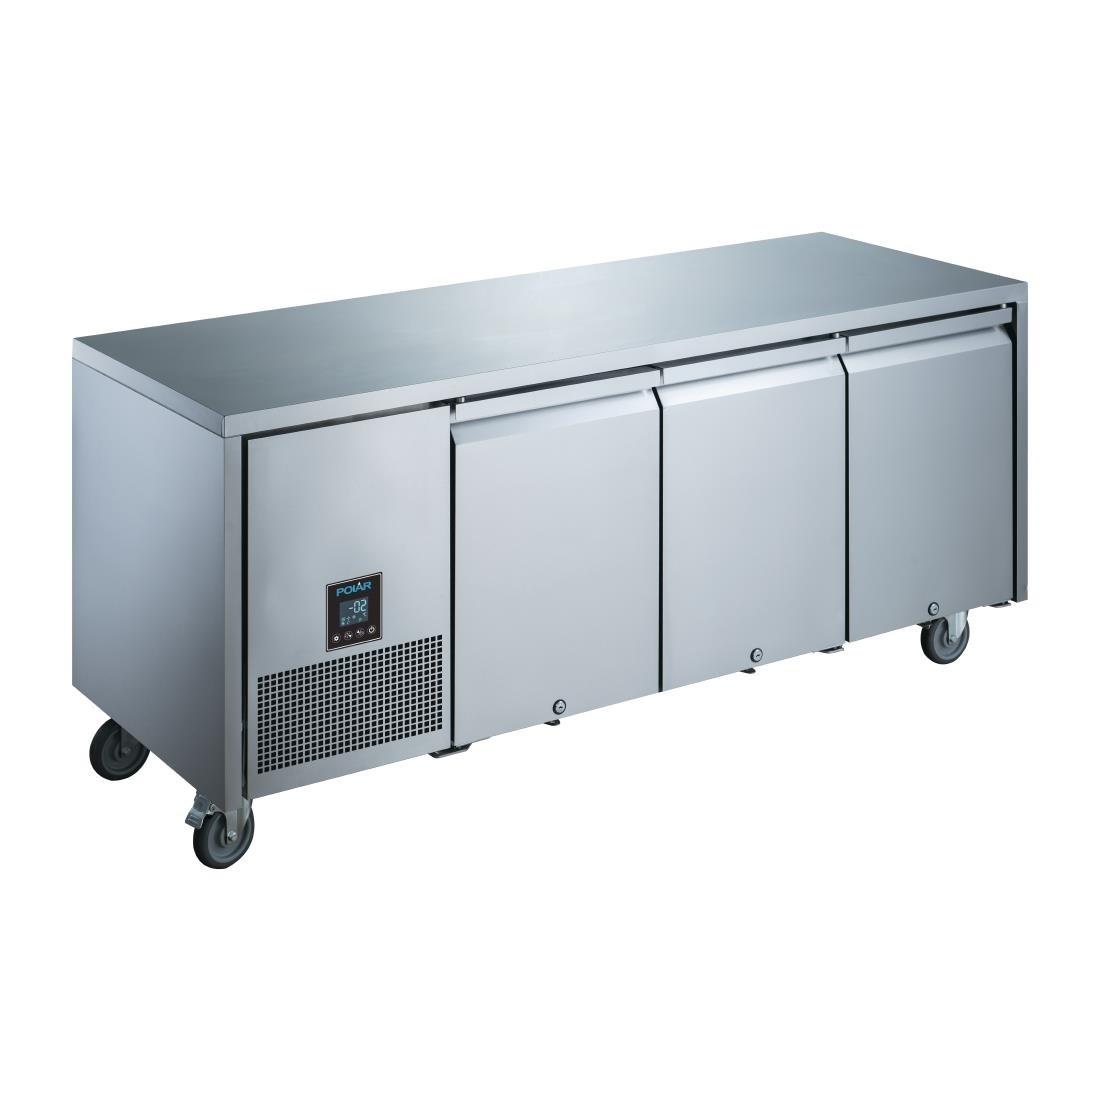 Polar UA007 U-Series Premium Triple Door Counter Fridge